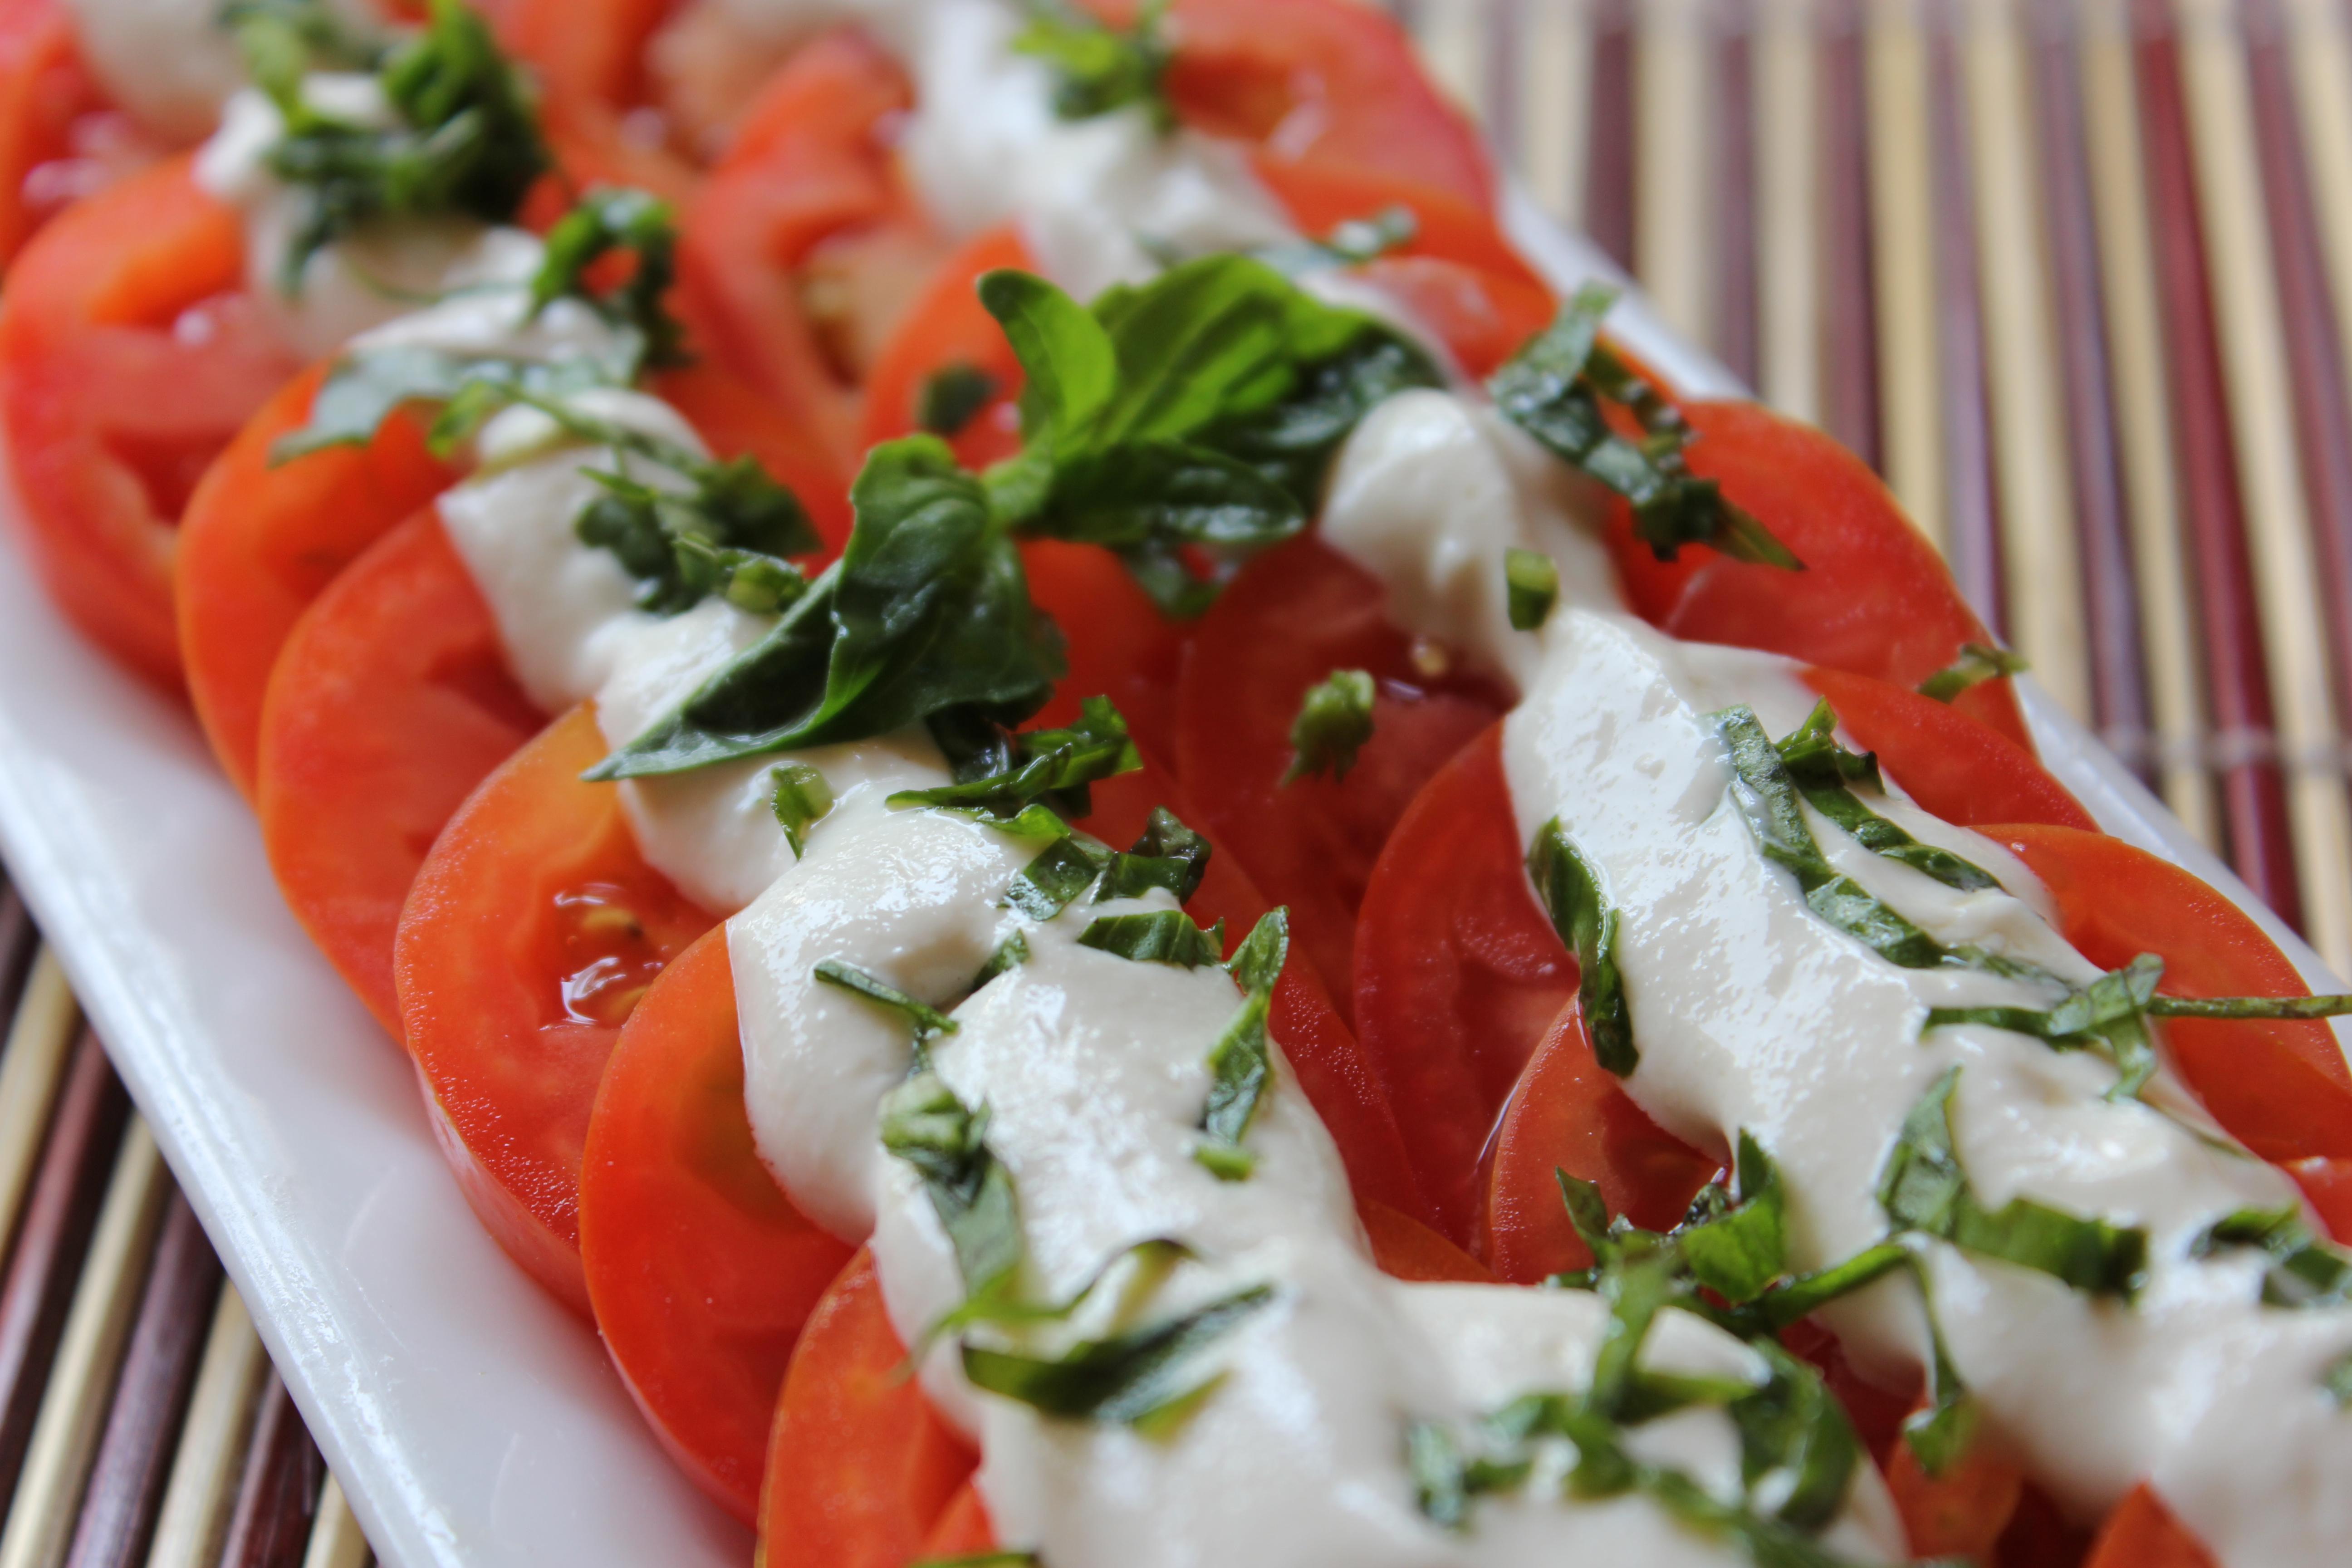 Tomato Salad with Tahini